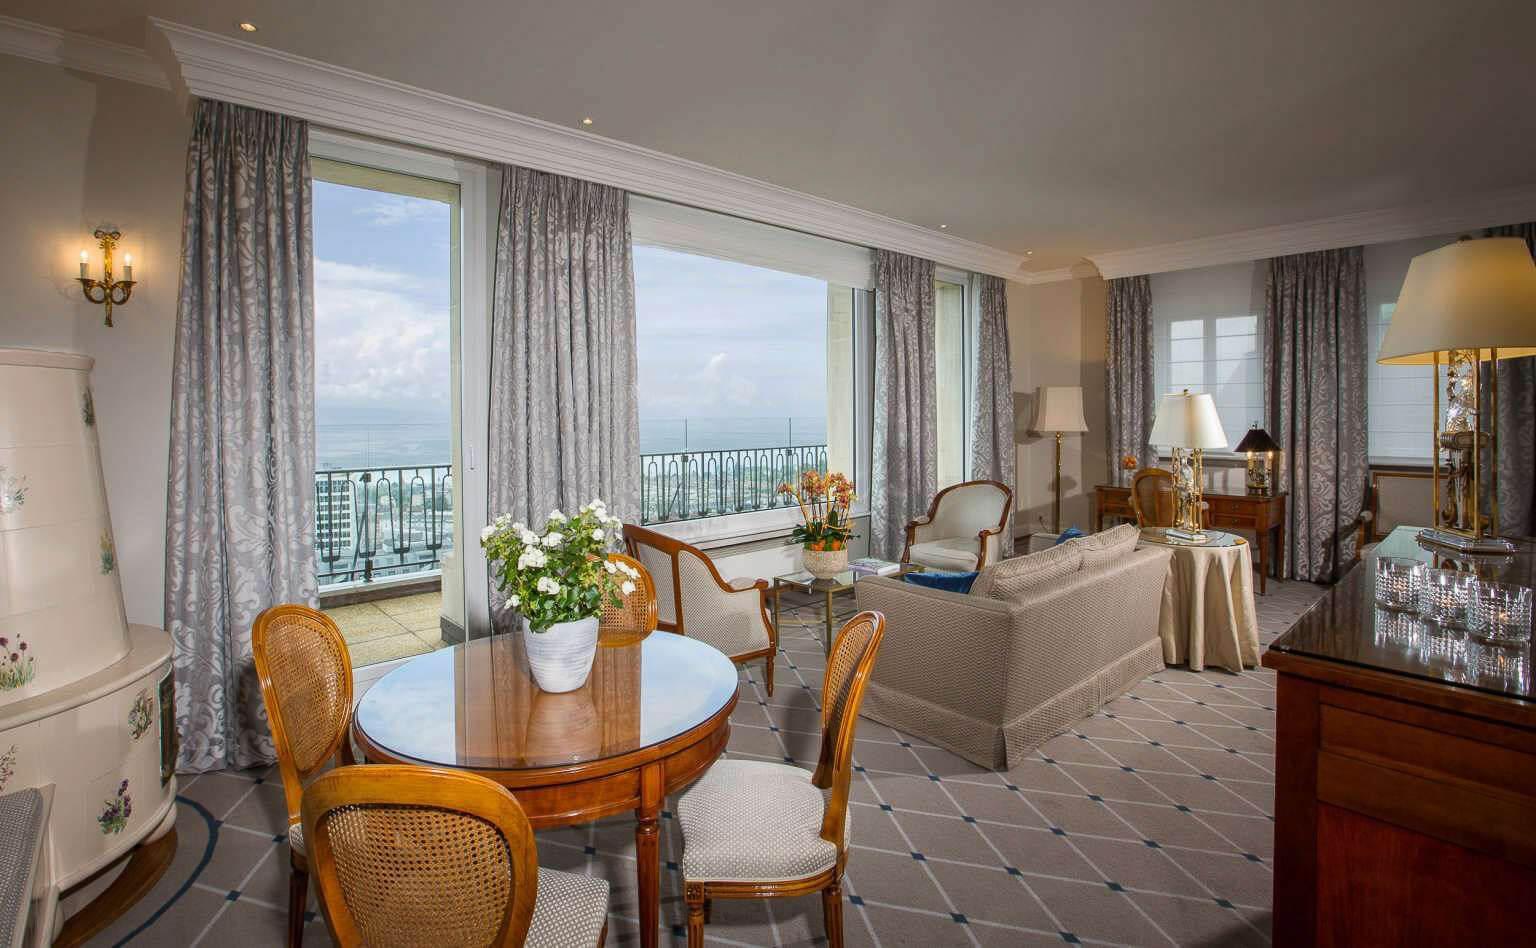 Suite de l'Hôtel de la Paix à Lausanne Hôtel 4 étoiles en Suisse